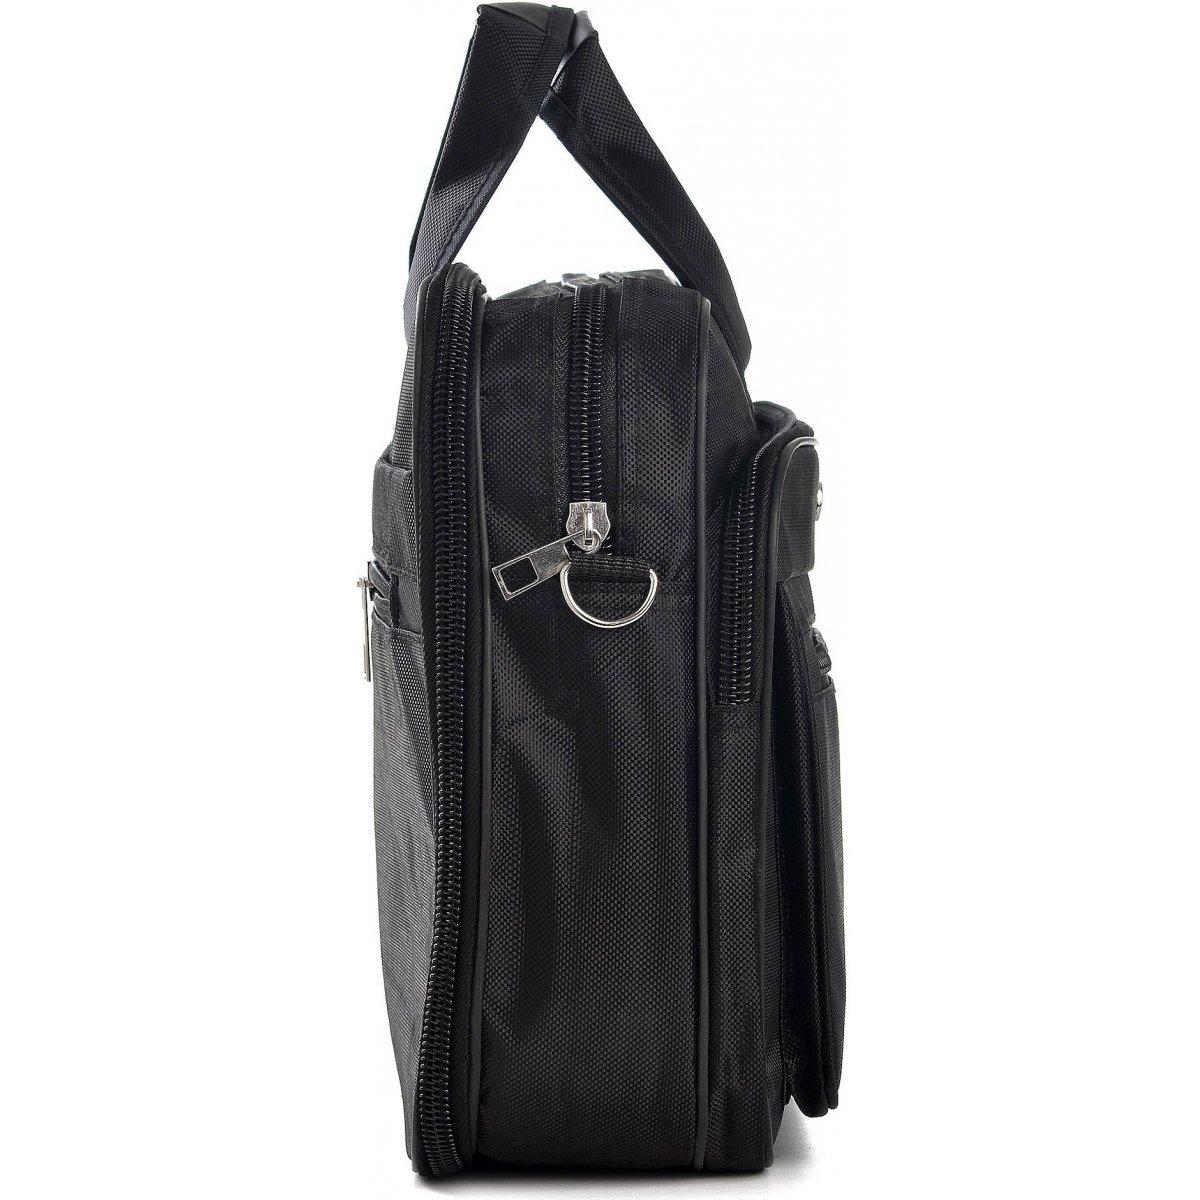 serviette porte ordinateur les sacs de k 39 rlot hk161001. Black Bedroom Furniture Sets. Home Design Ideas